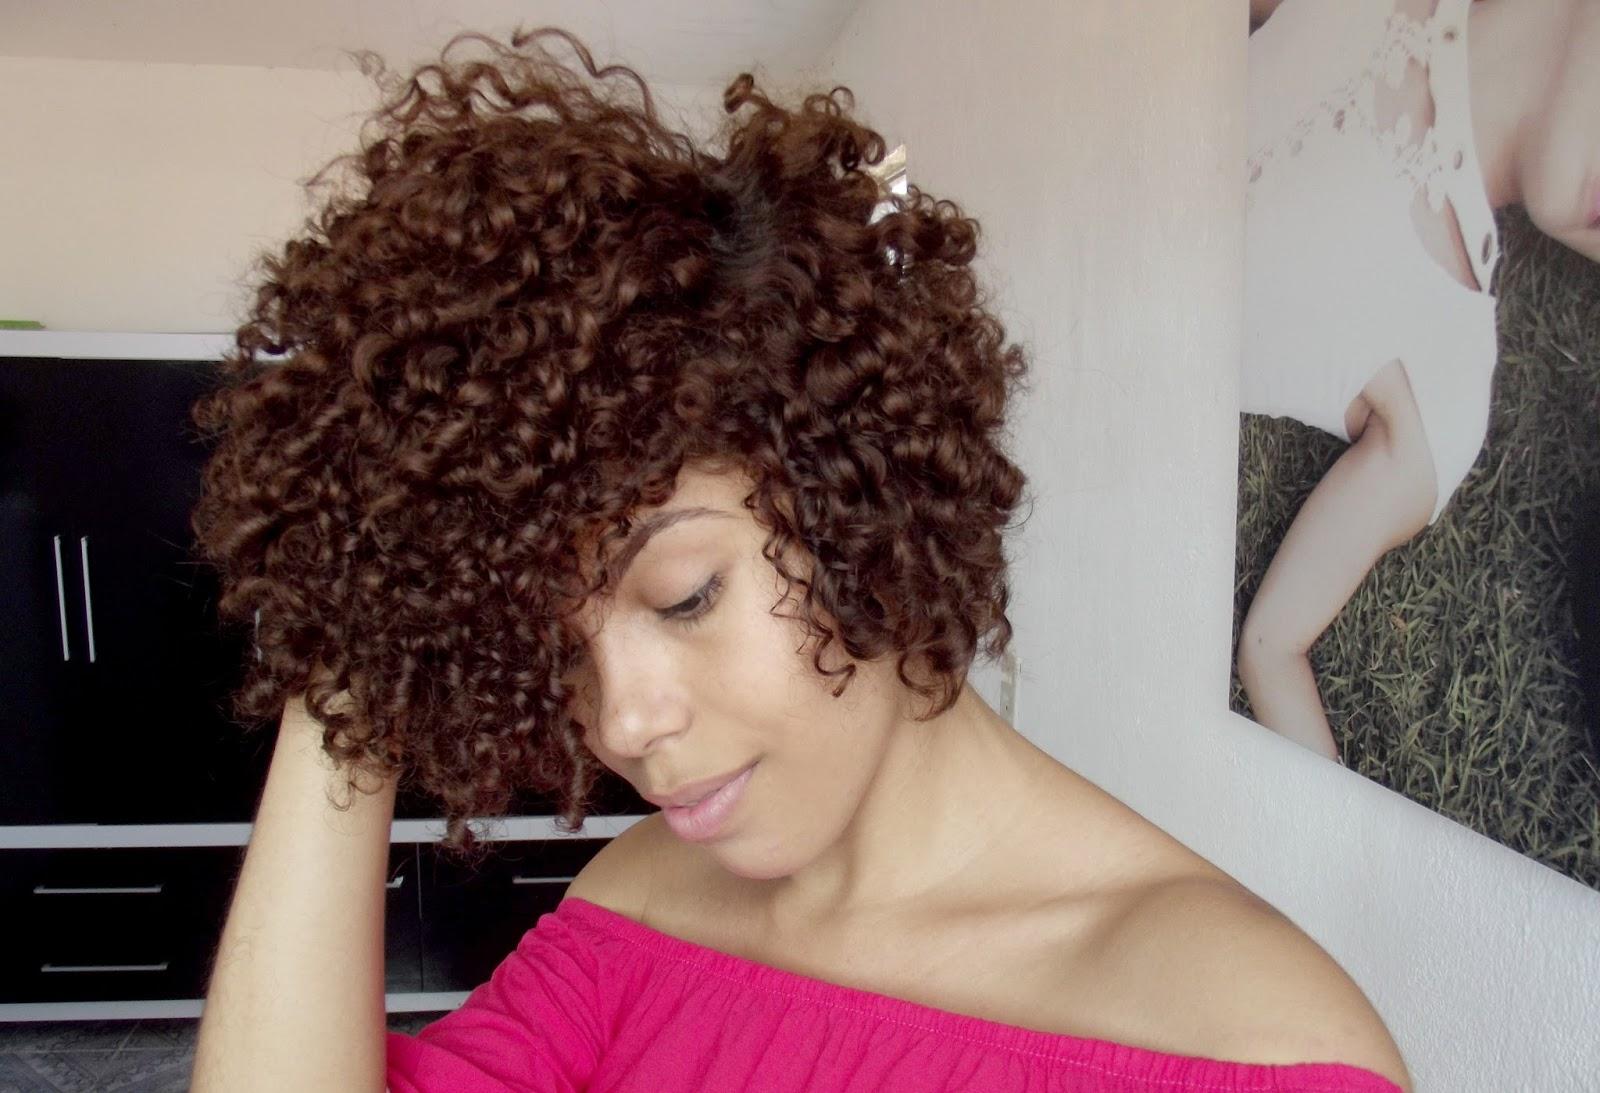 Resenha: Creme de tratamento - Cachos Perfeitos da TRESemmé, creme de pentear para cabelo cacheados, creme de pentear para cabelo ondulado, creme de pentear para cabelo crespo, kahchear, kahena kévya, blog kahena kevya, closet de esmaltes, resenha de creme para pentear para cabelo cacheado,